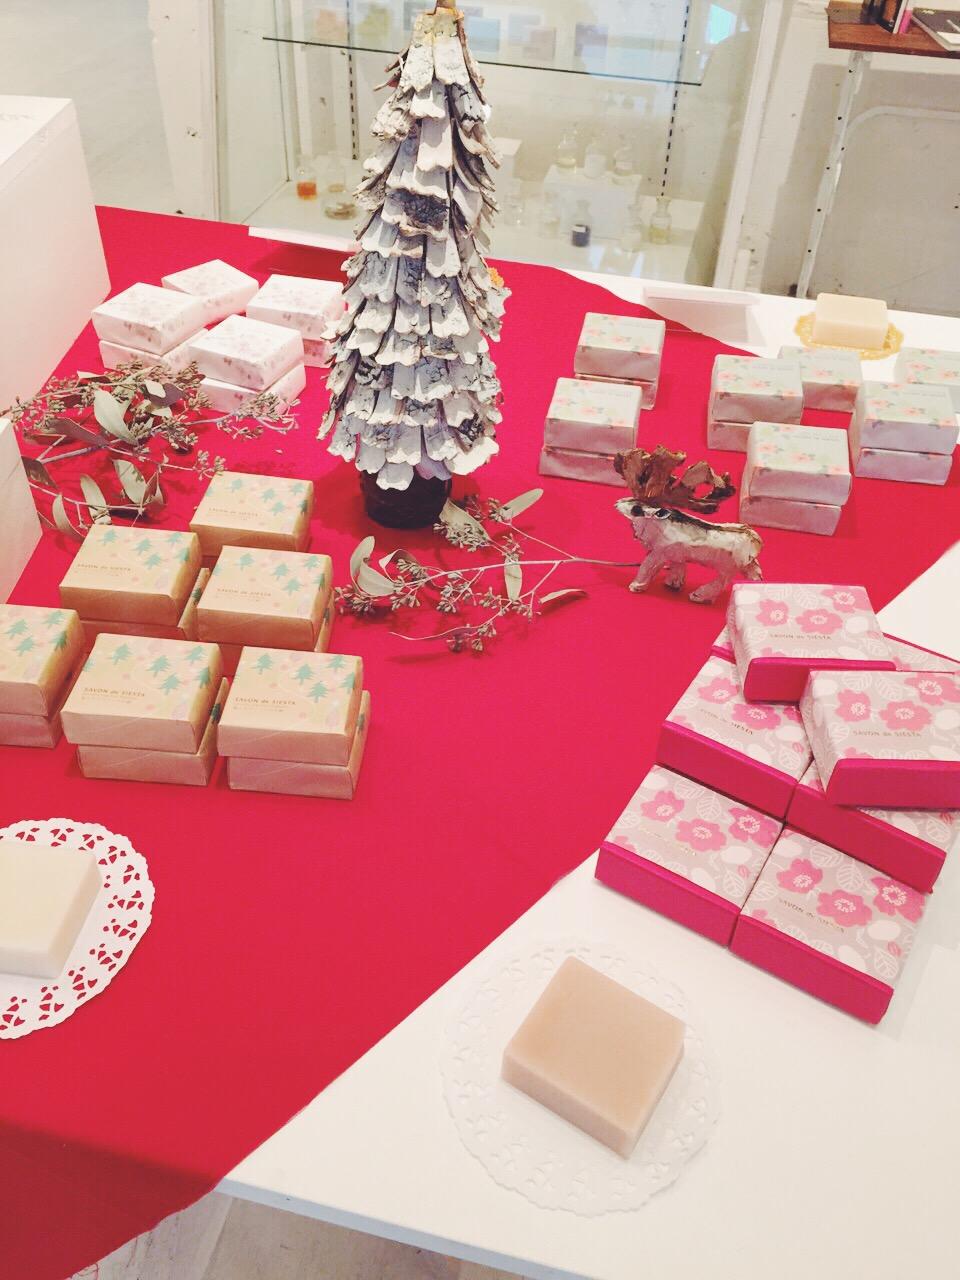 クリスマスの展示の様子